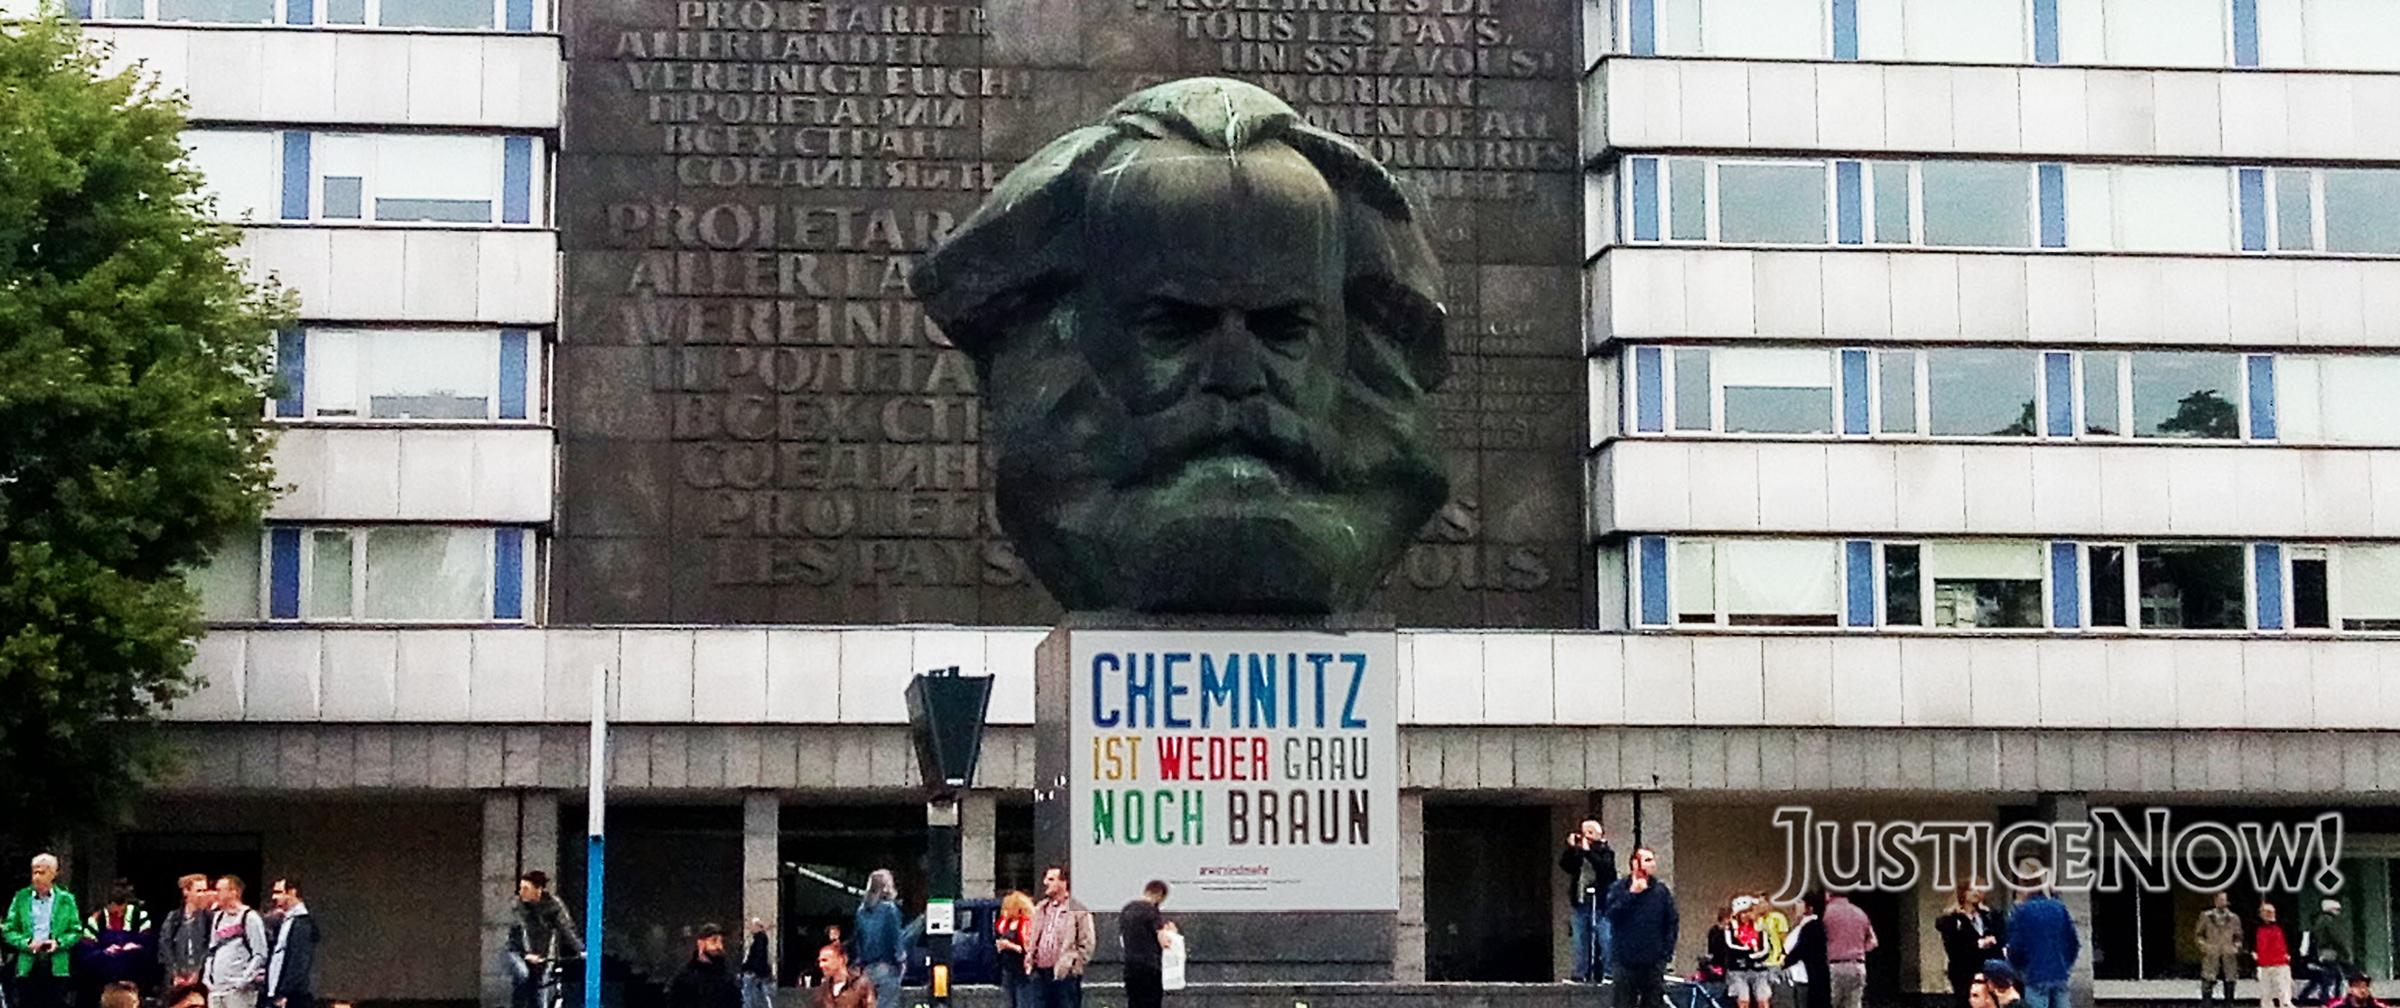 8.500 Demonstranten bei Björn Höckes Nazi-Trauermarsch in Chemnitz